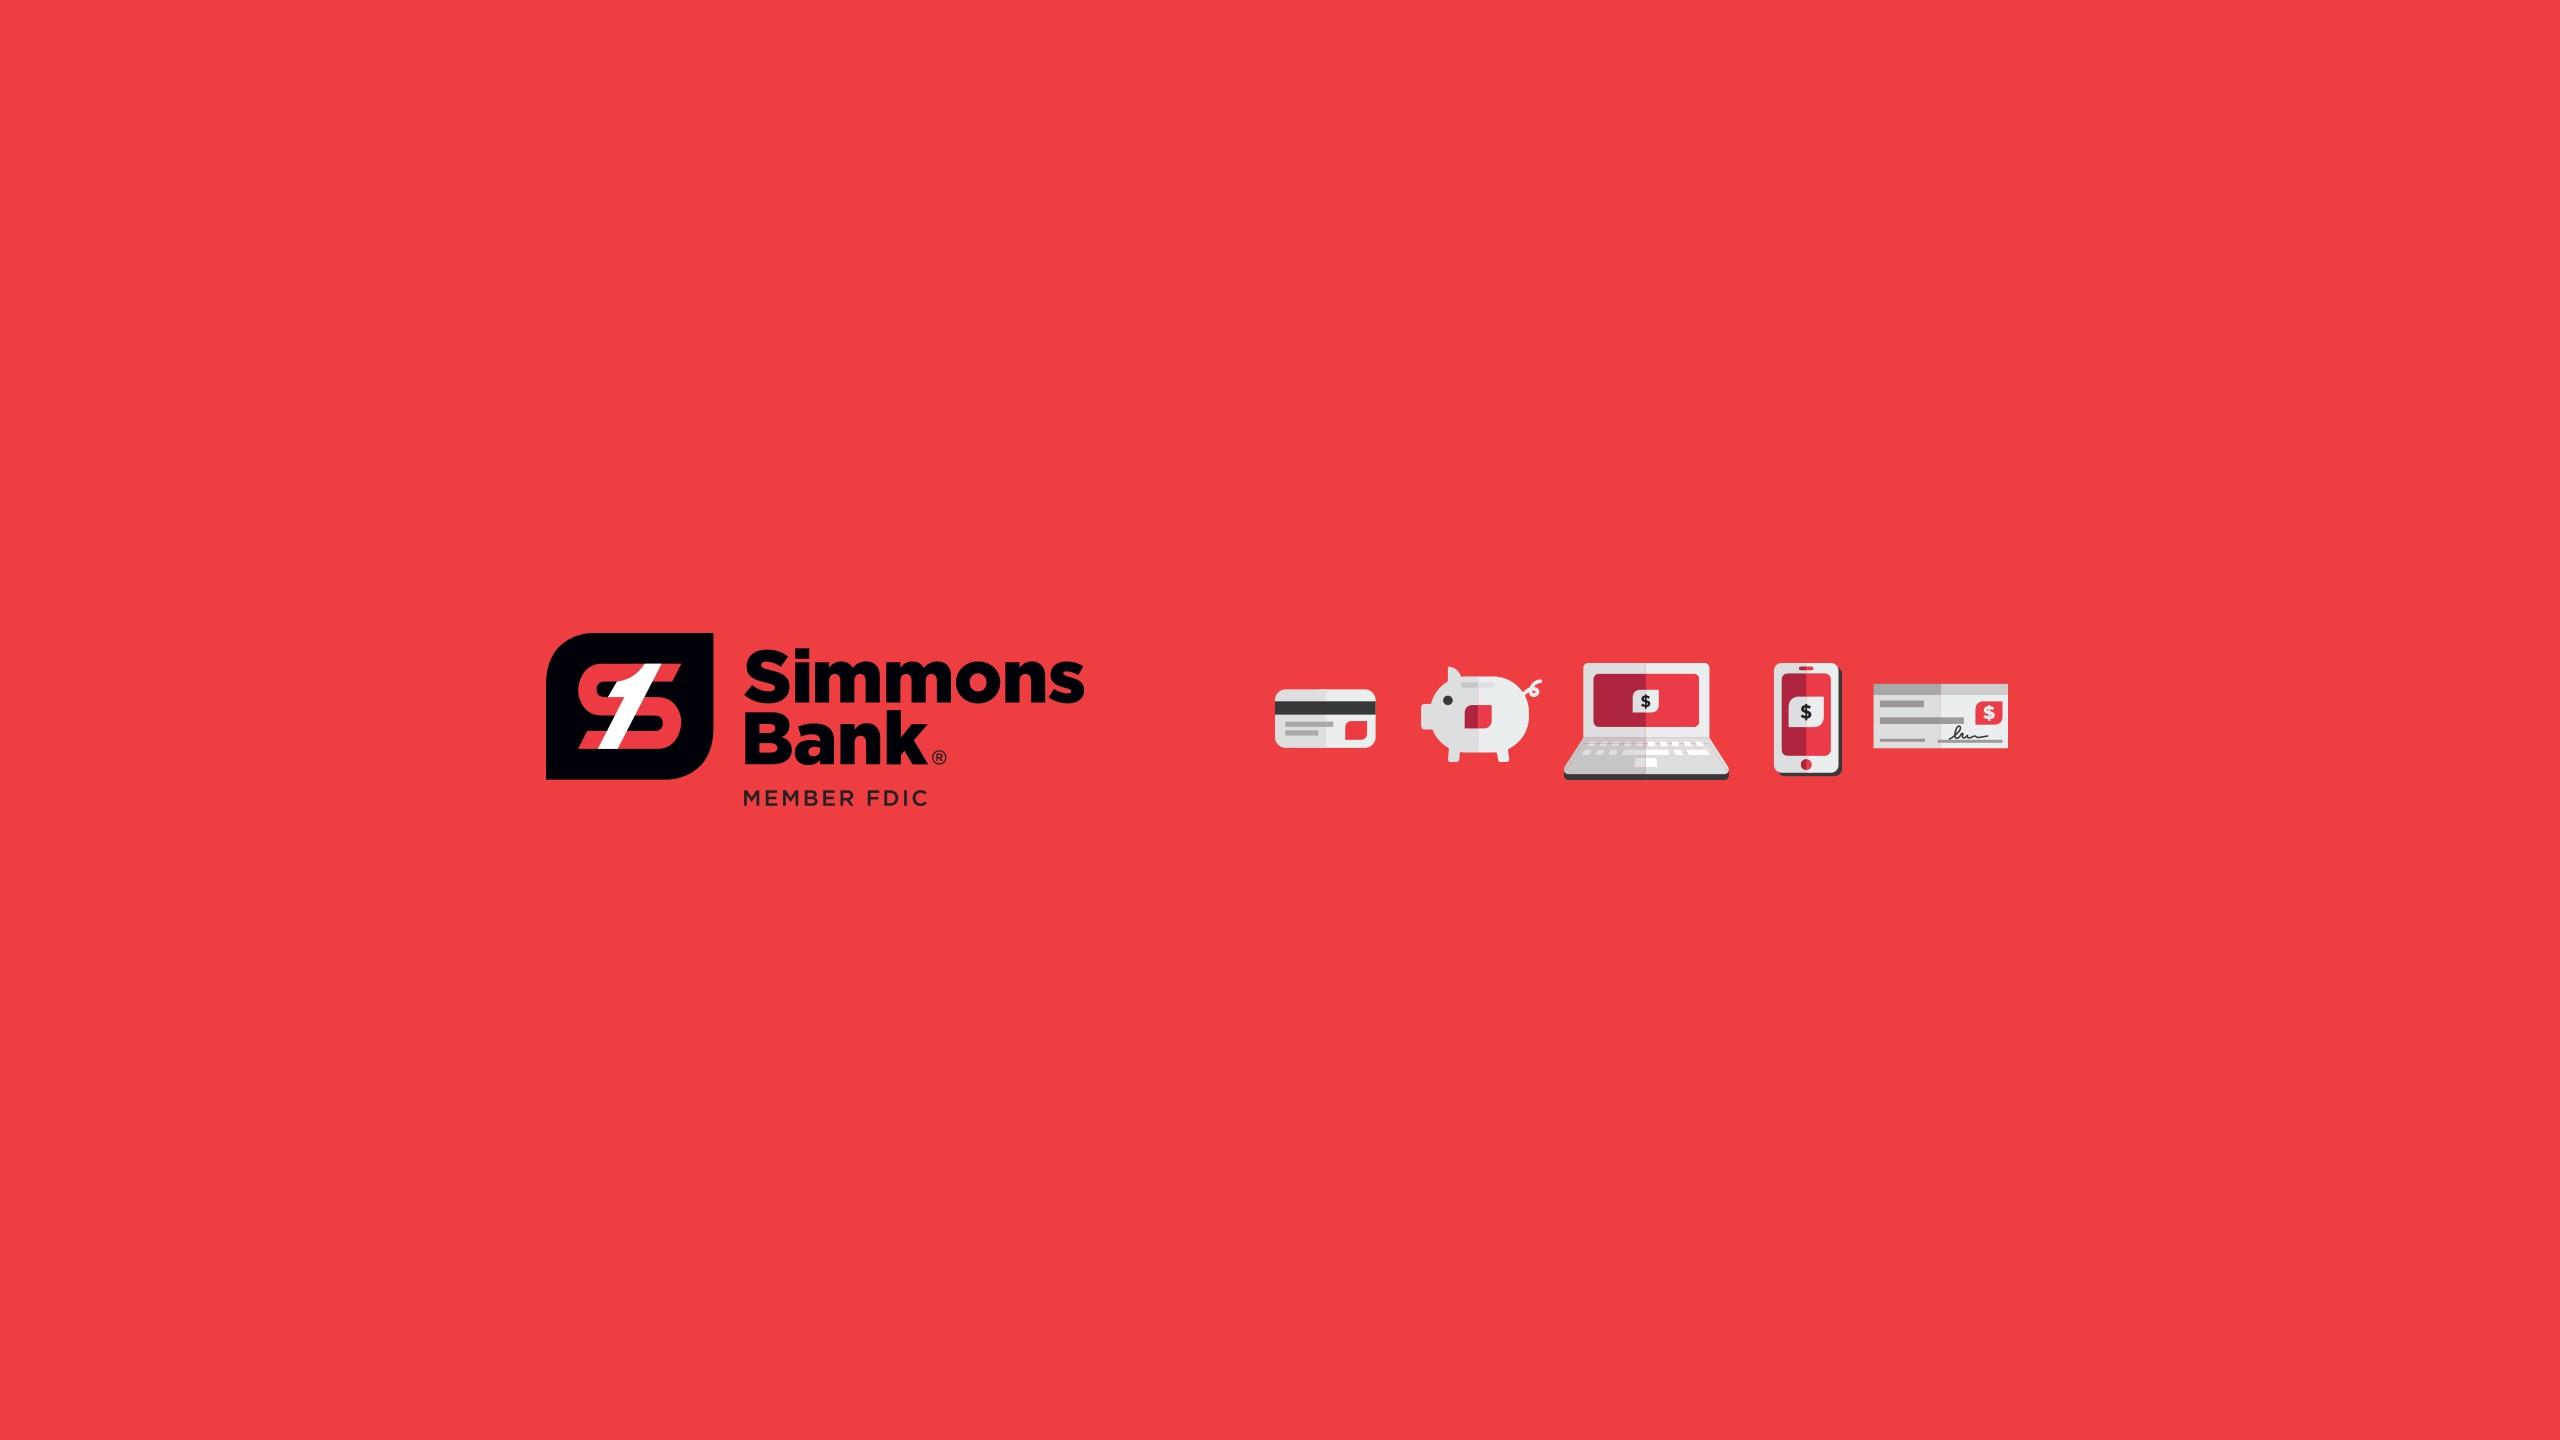 Simmons Bank | LinkedIn